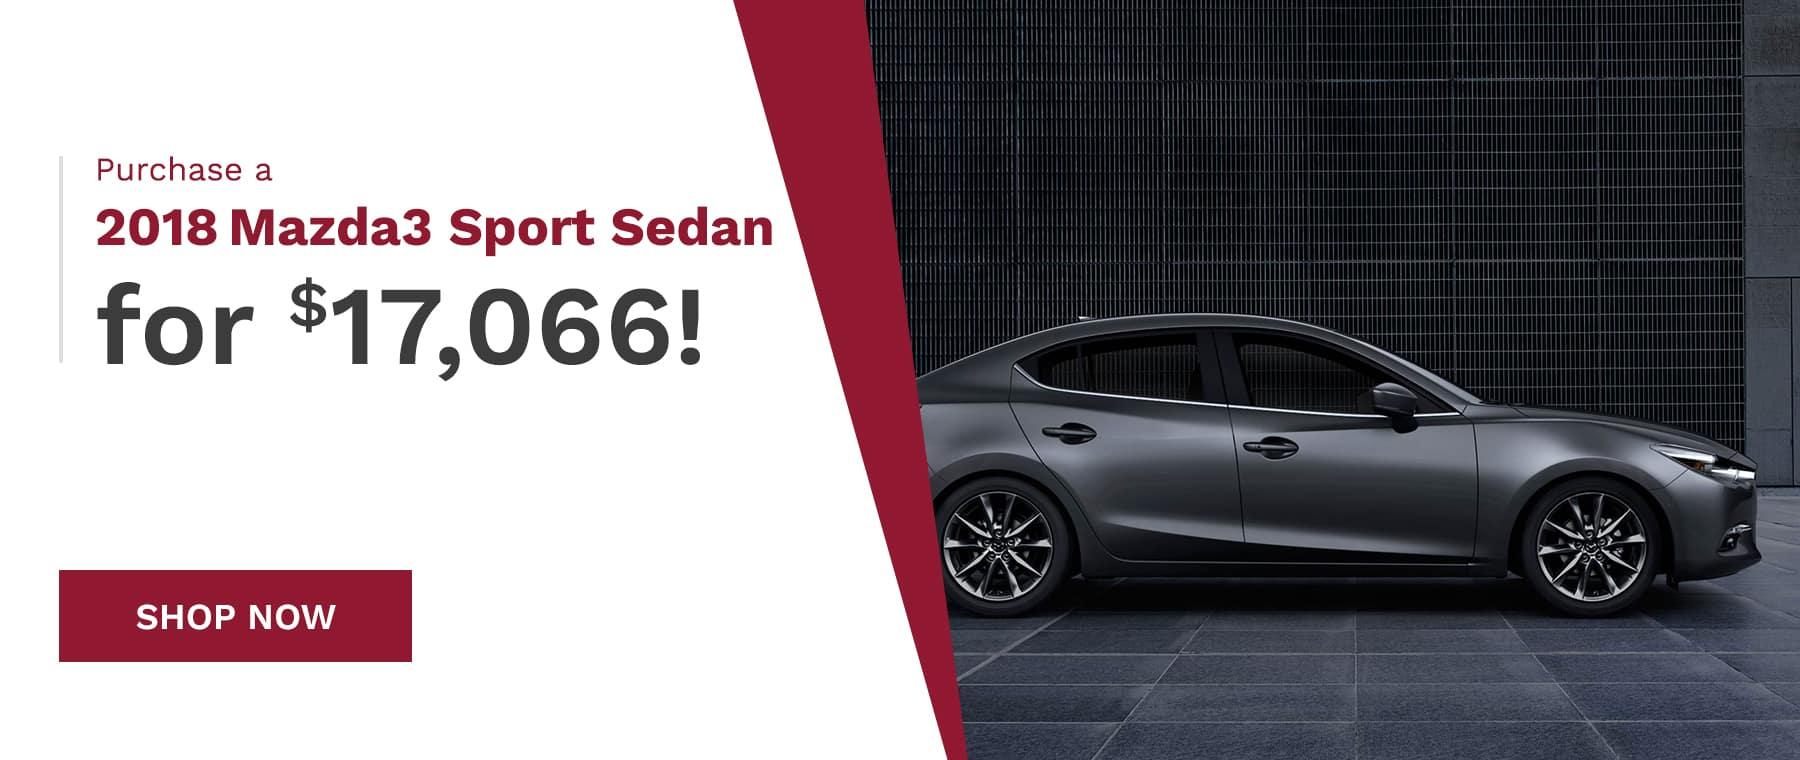 Mazda3 Offer